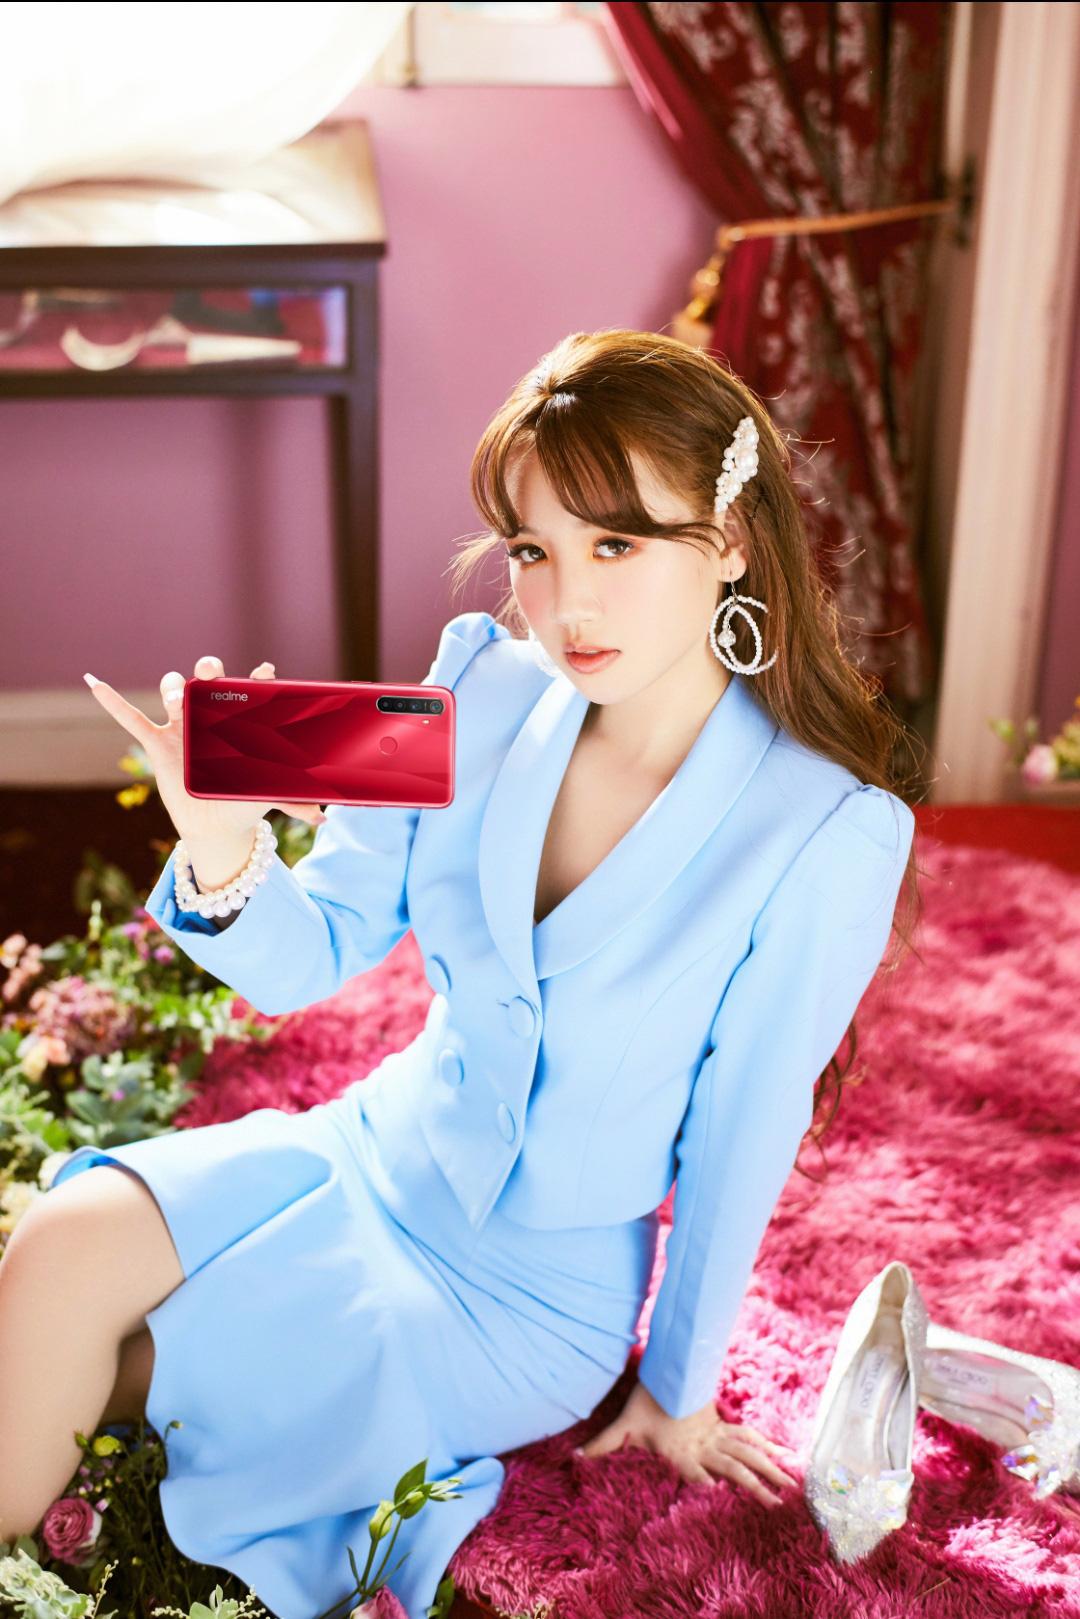 Chỉ mới debut hơn 1 năm, nữ ca sĩ 10X Amee đạt nhiều kỳ tích đáng nể - Ảnh 7.